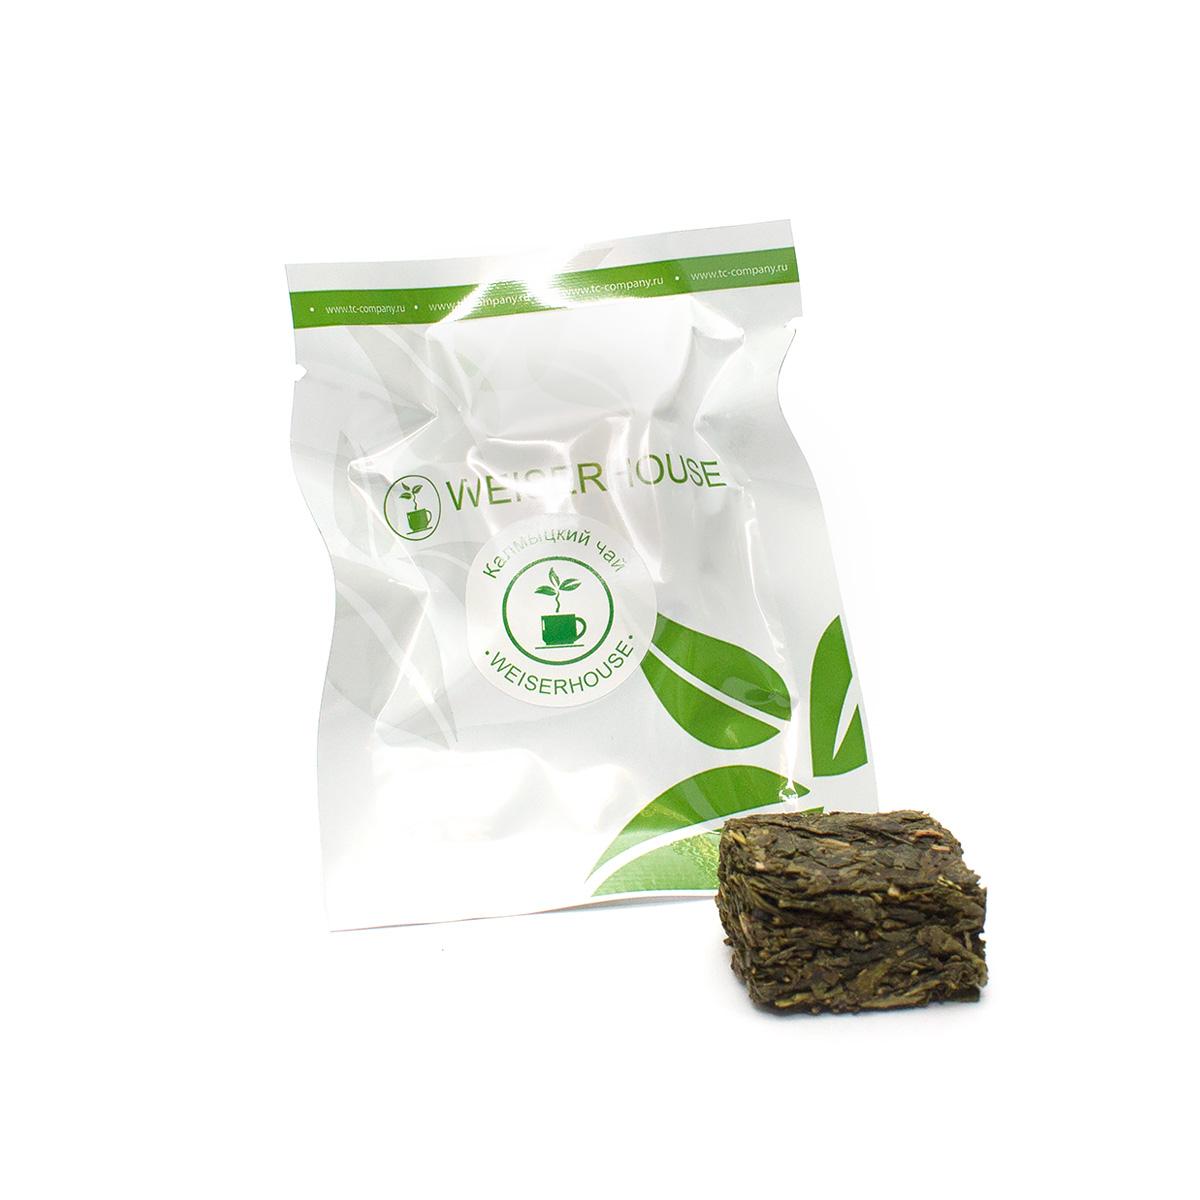 Зеленый чай Калмыцкий, прессованный в кубиках (5-7 гр.) в инд. упак.Зеленый<br>Качественный зеленый чай, спрессованный в кубик. Очень популярен в Калмыкии.<br>